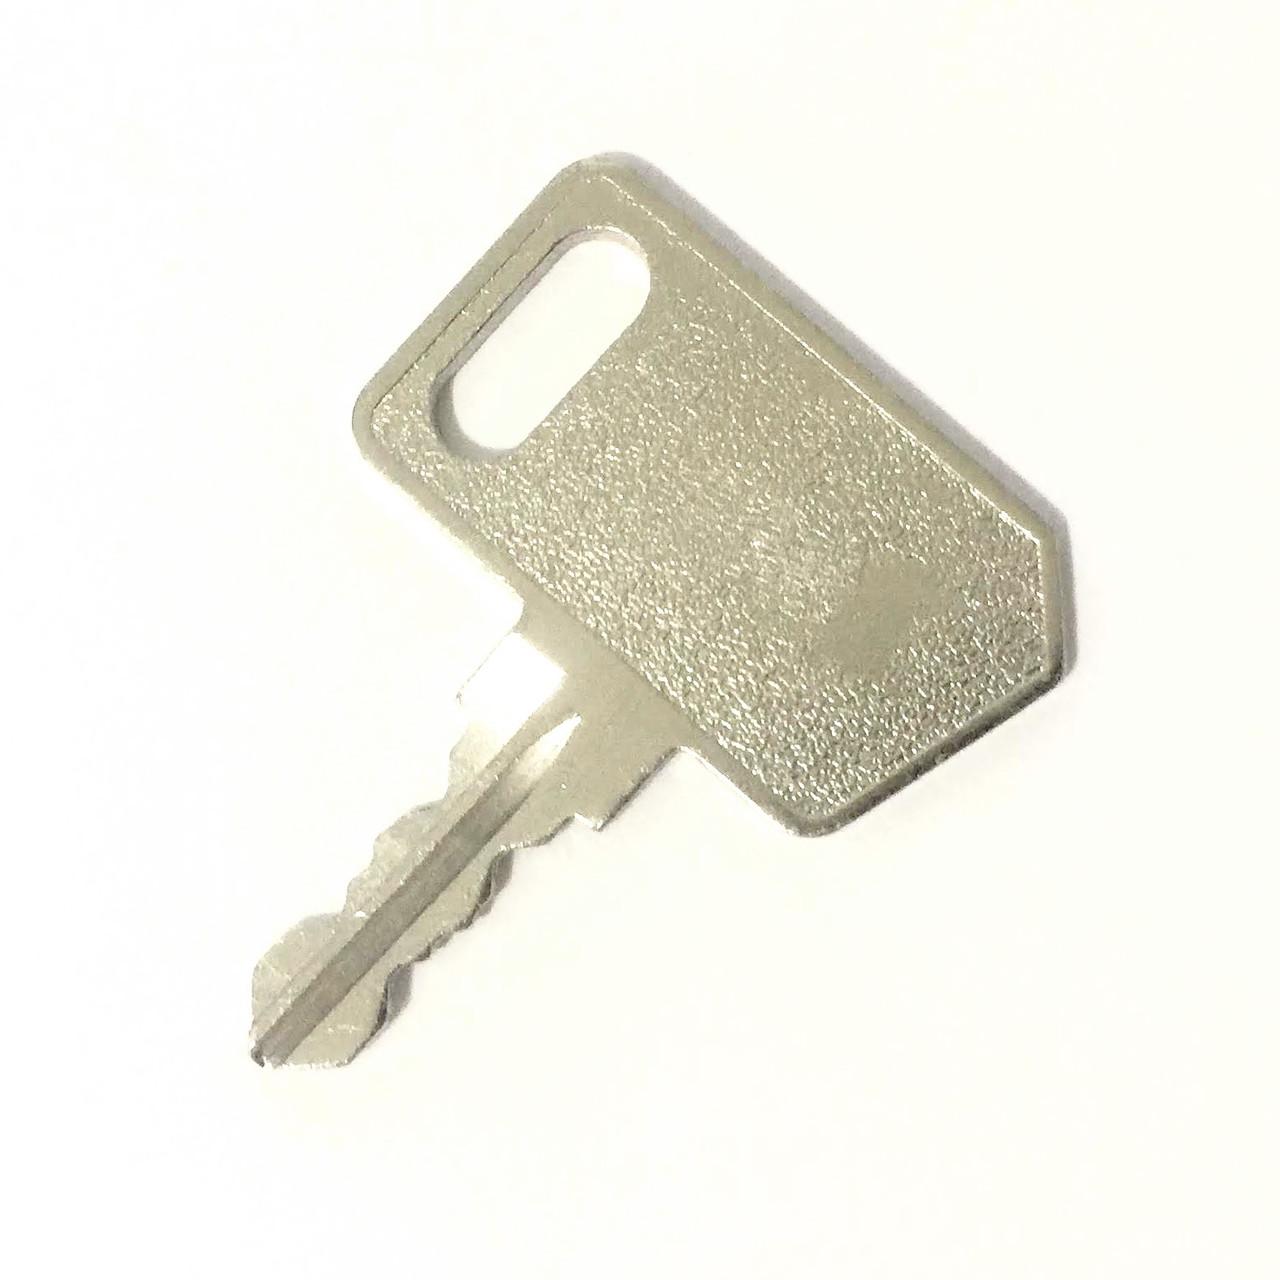 Ammann Key